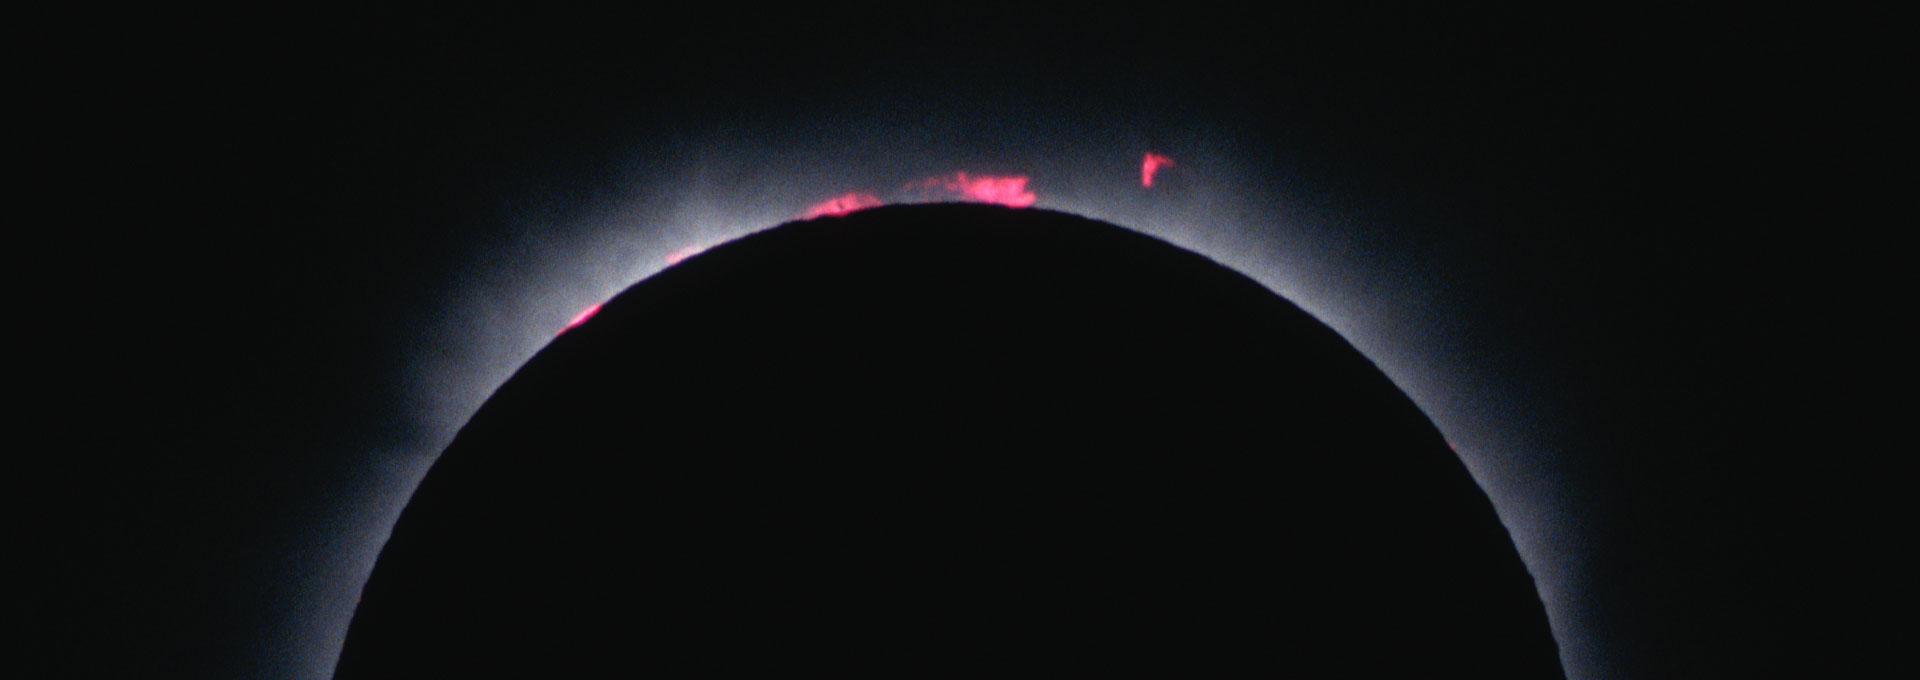 solar-eclipse-1999-header